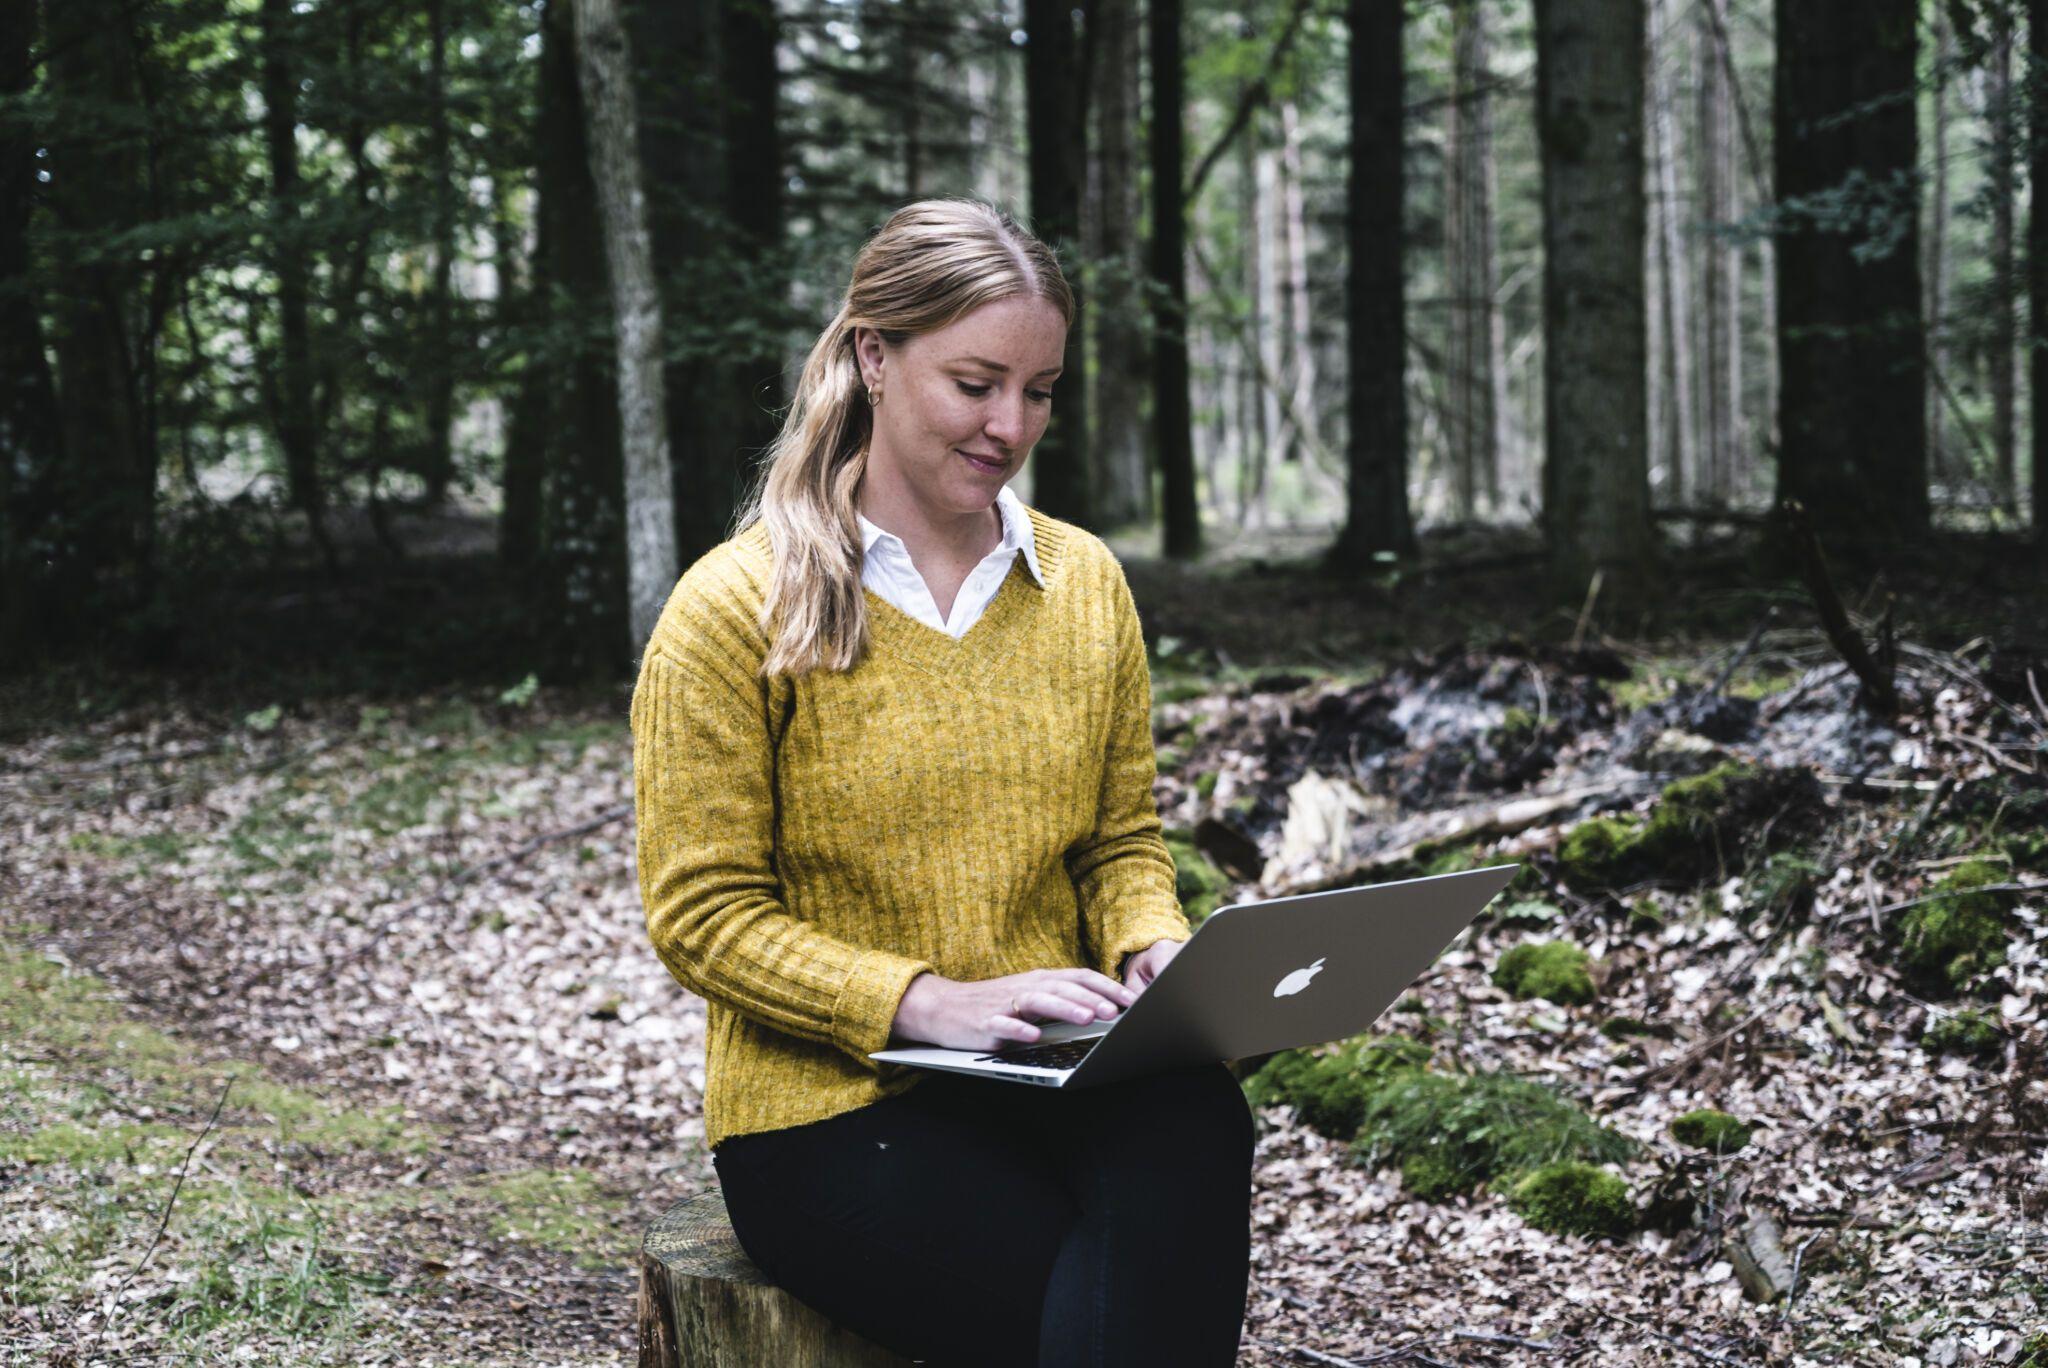 Dorte Toft siddende på træstub med bærbar computer